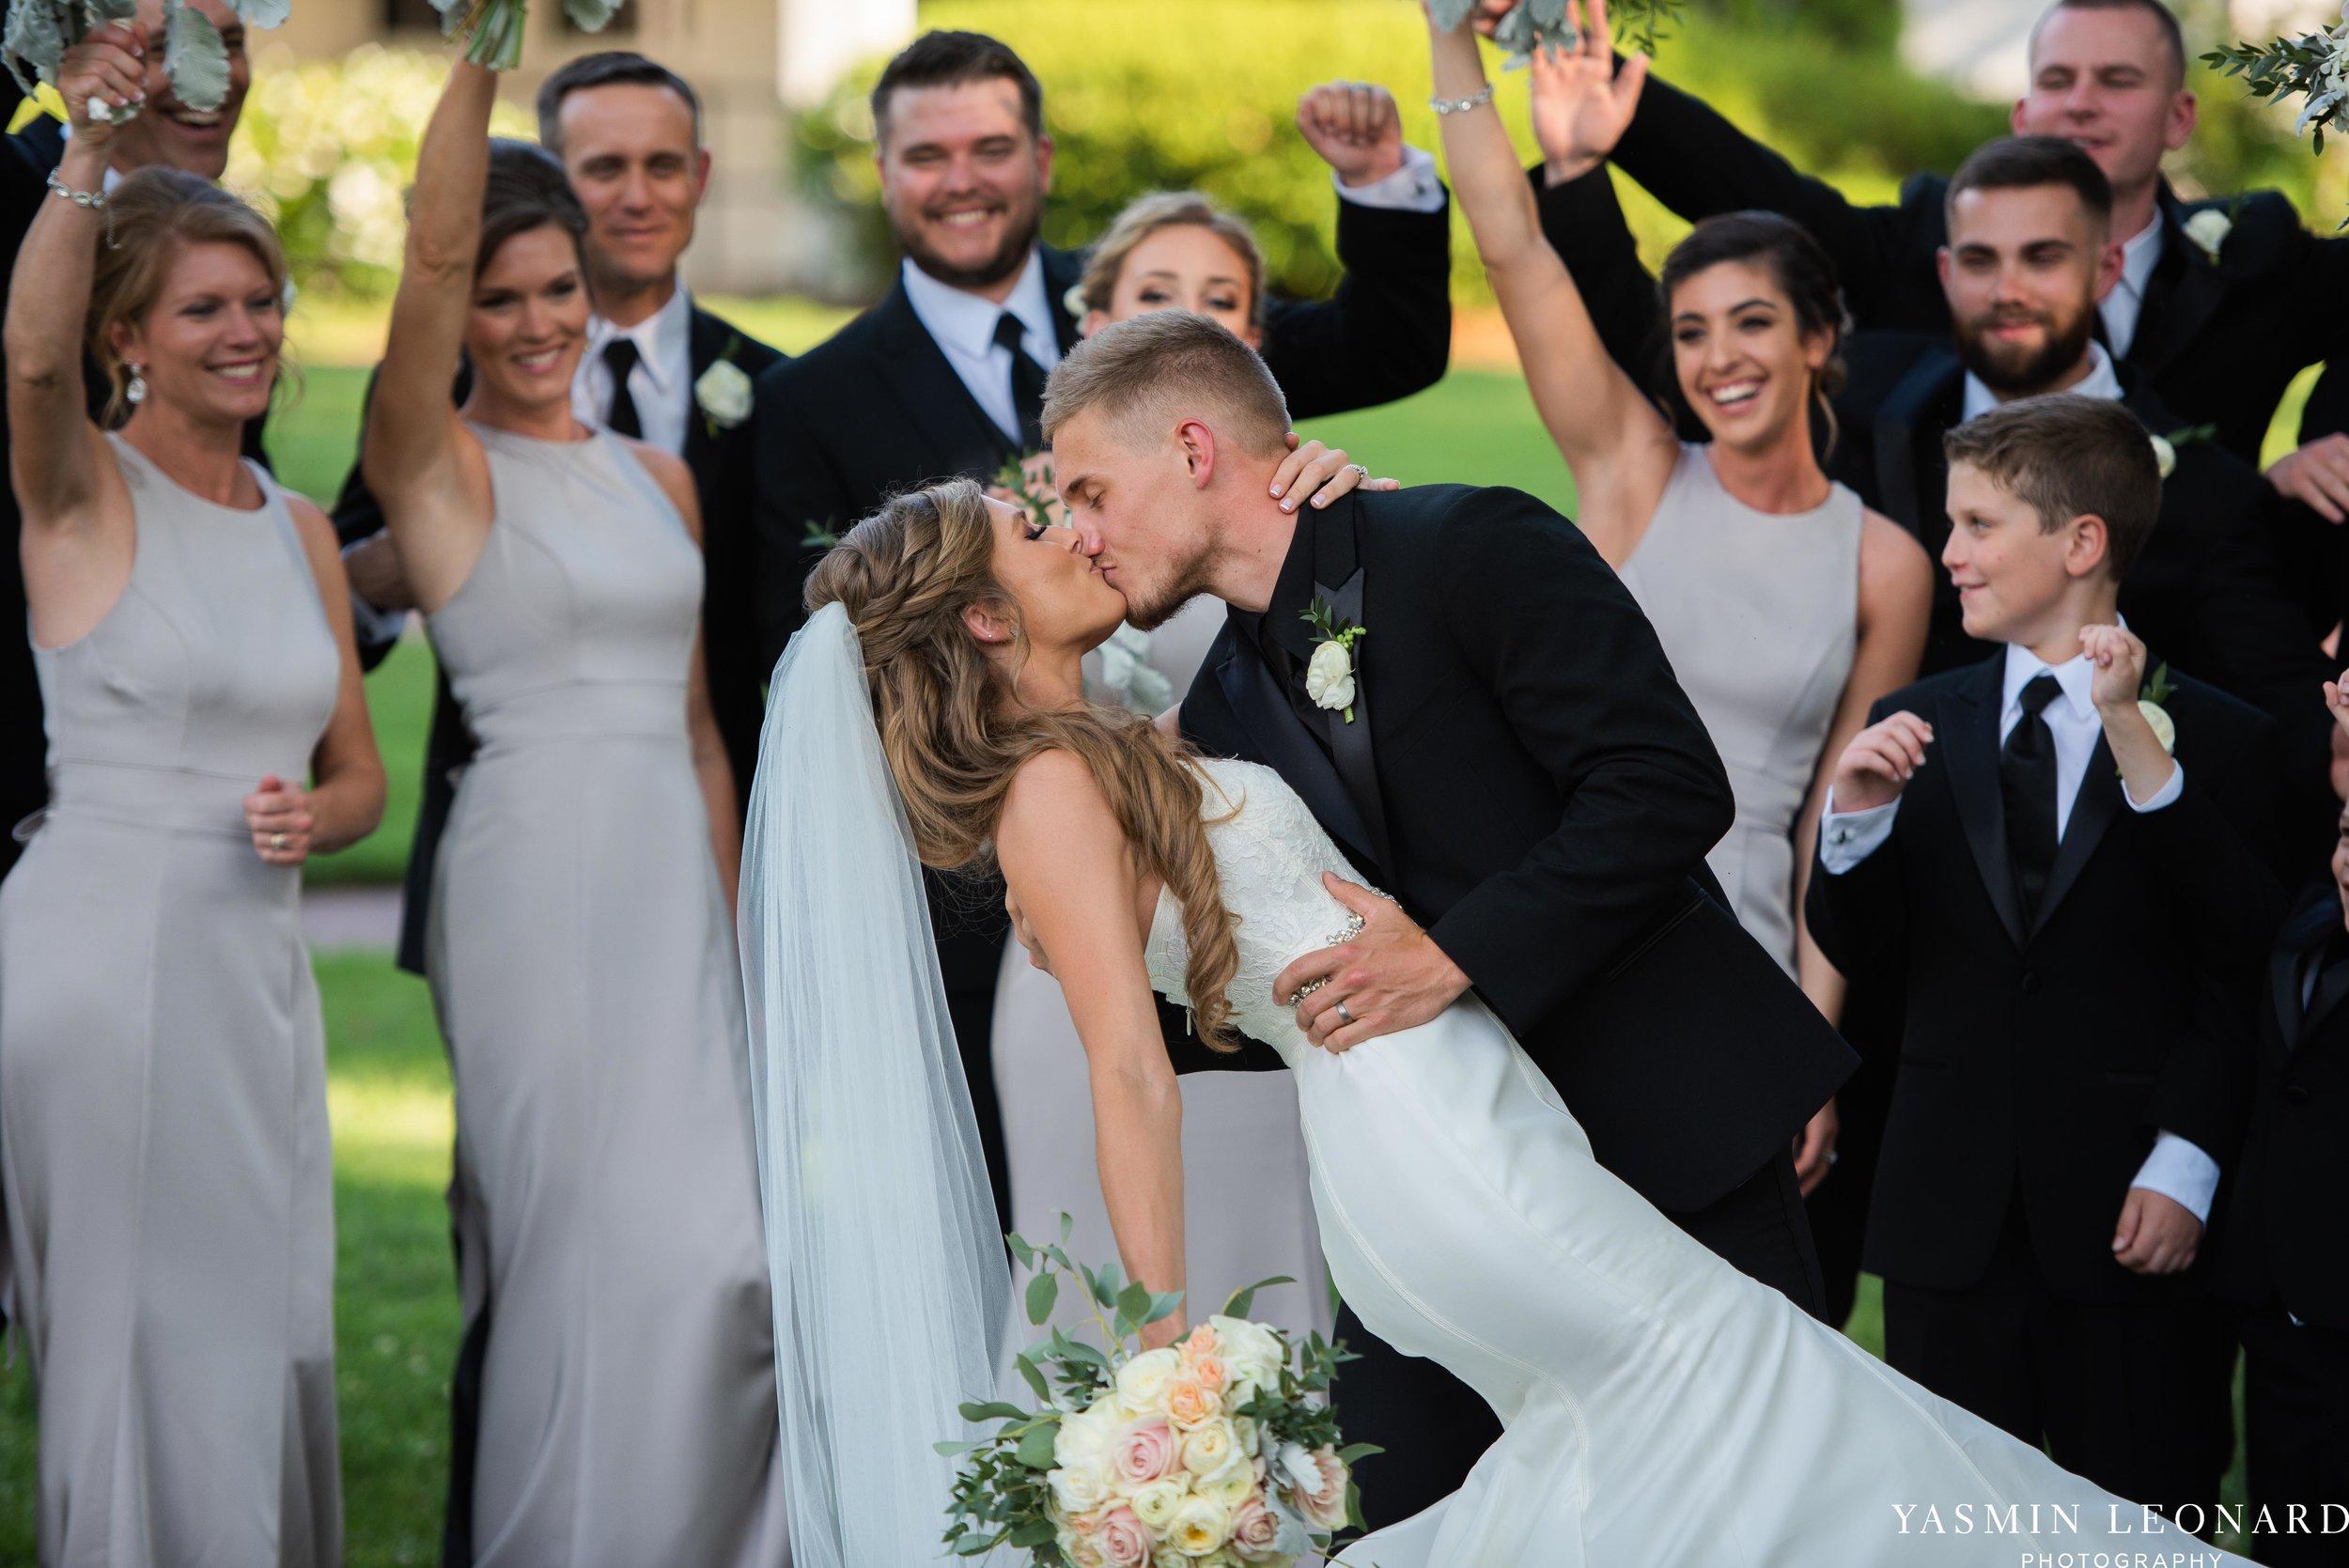 Boxwood Estate - Boxwood Estate Wedding - Luxury Wedding - Black and White Wedding - NC Wedding Venues - NC Weddings - NC Photographer - Lantern Release Grand Exit - Large Wedding Party - Yasmin Leonard Photography-36.jpg